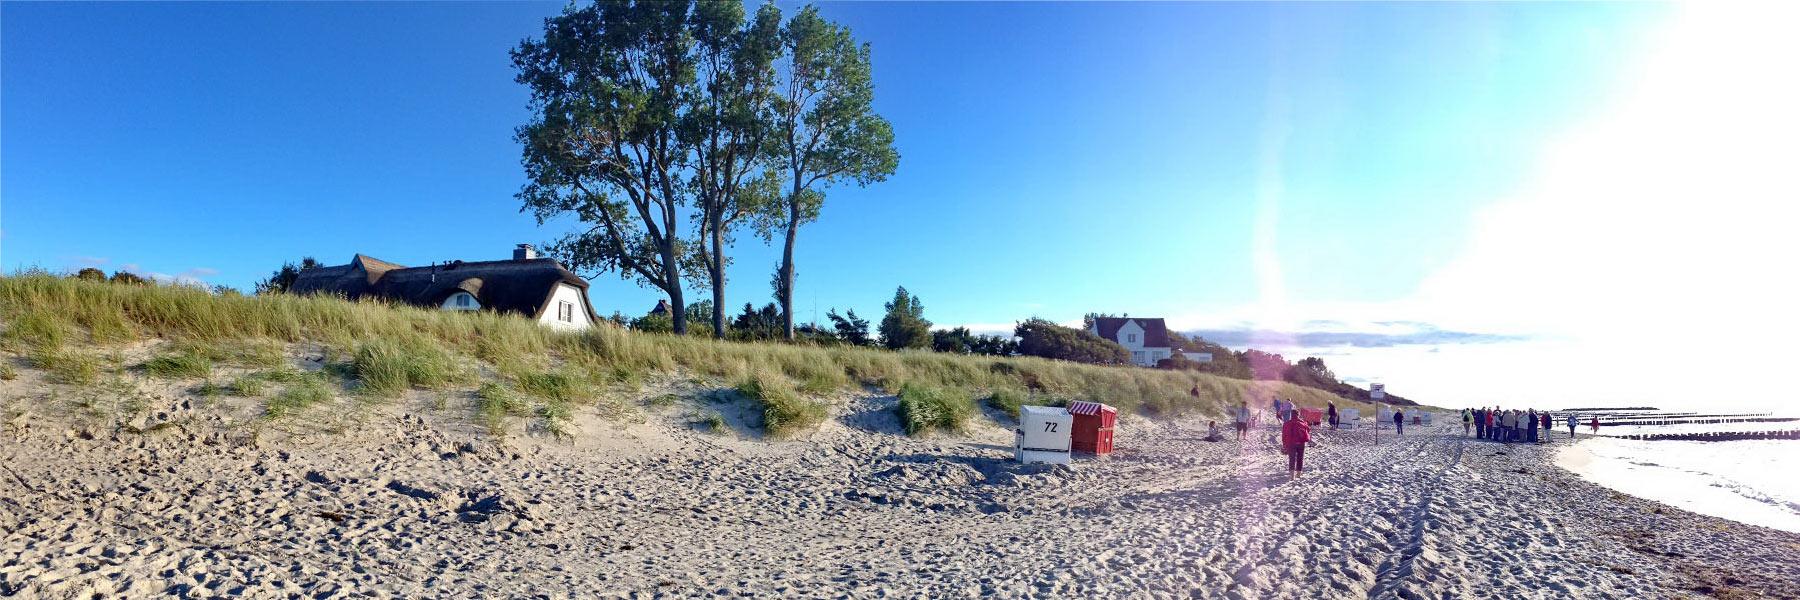 Strand - Kurverwaltung Ahrenshoop